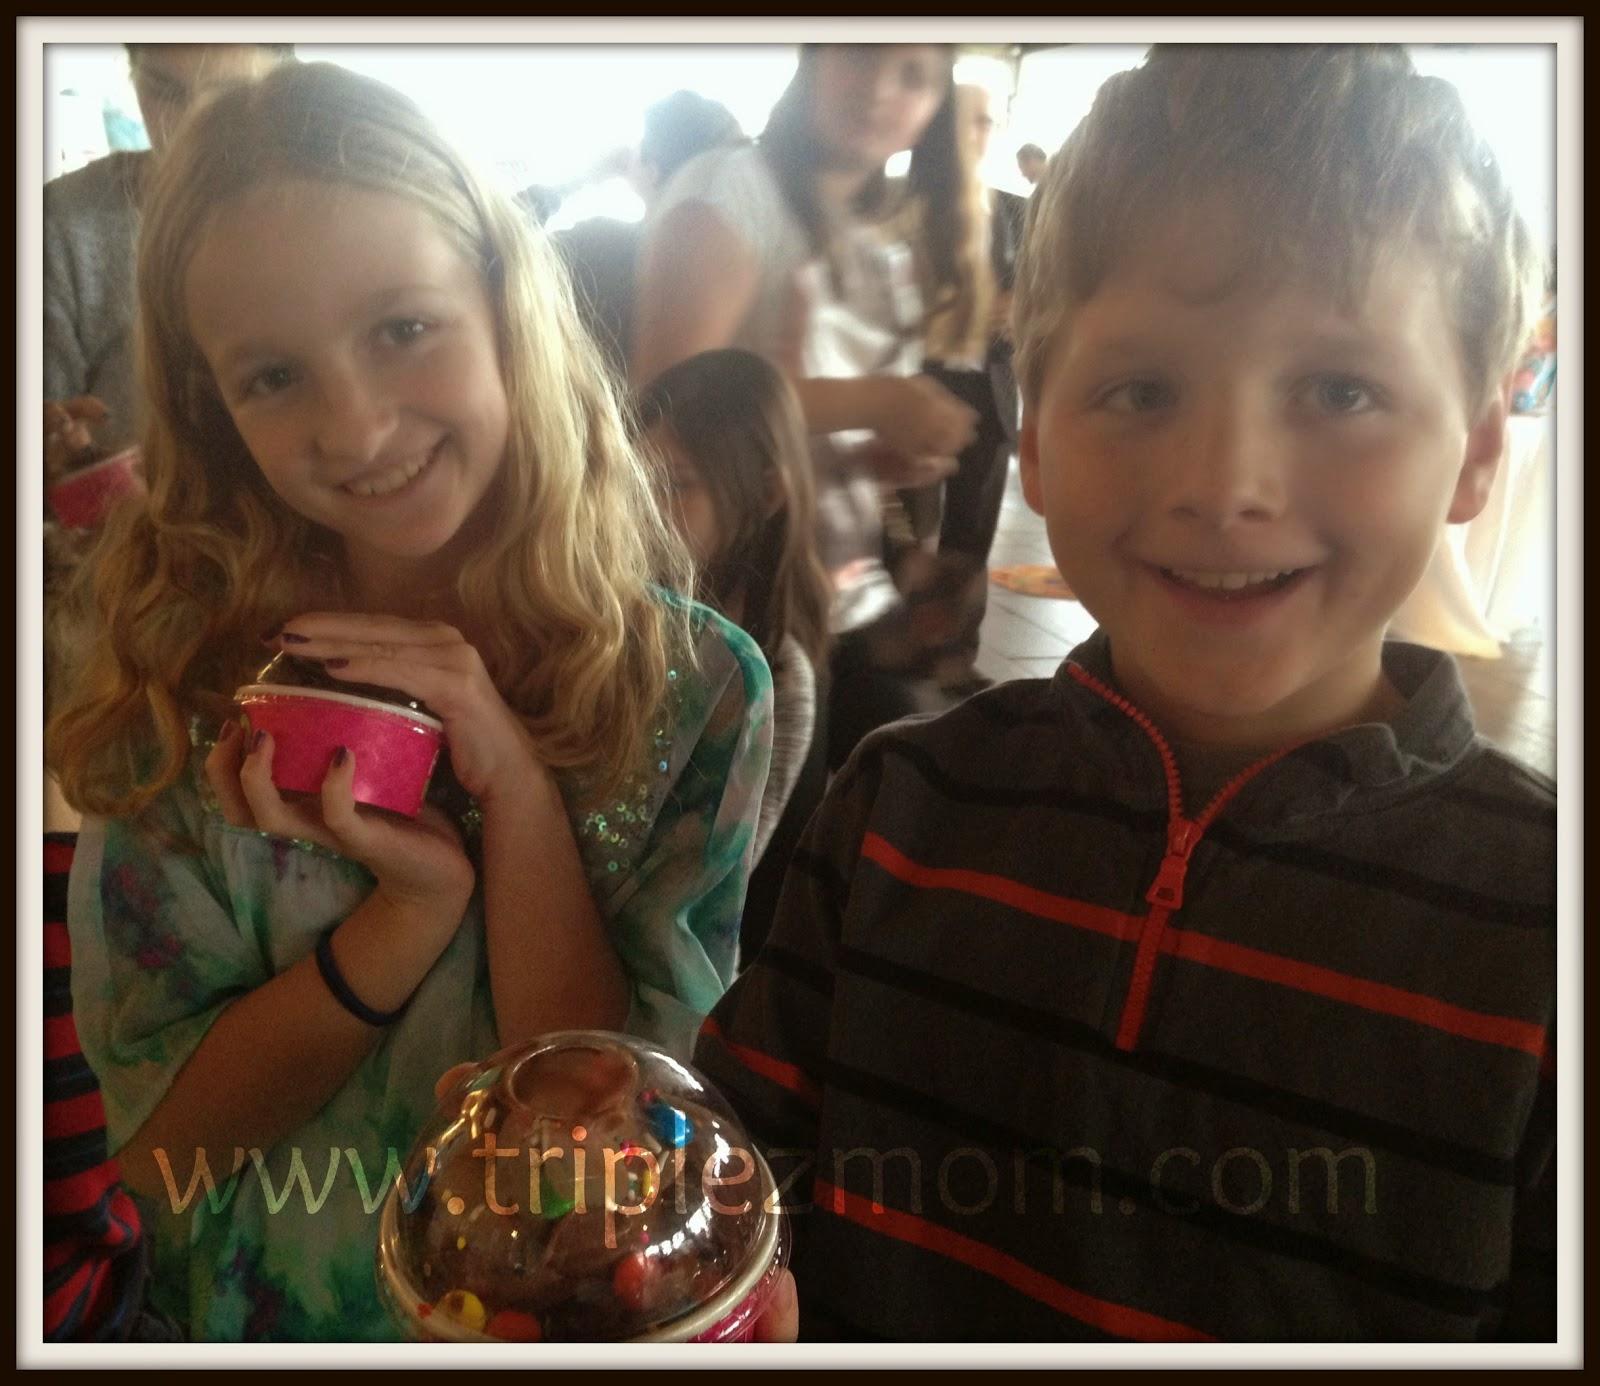 kids frozen yogurt